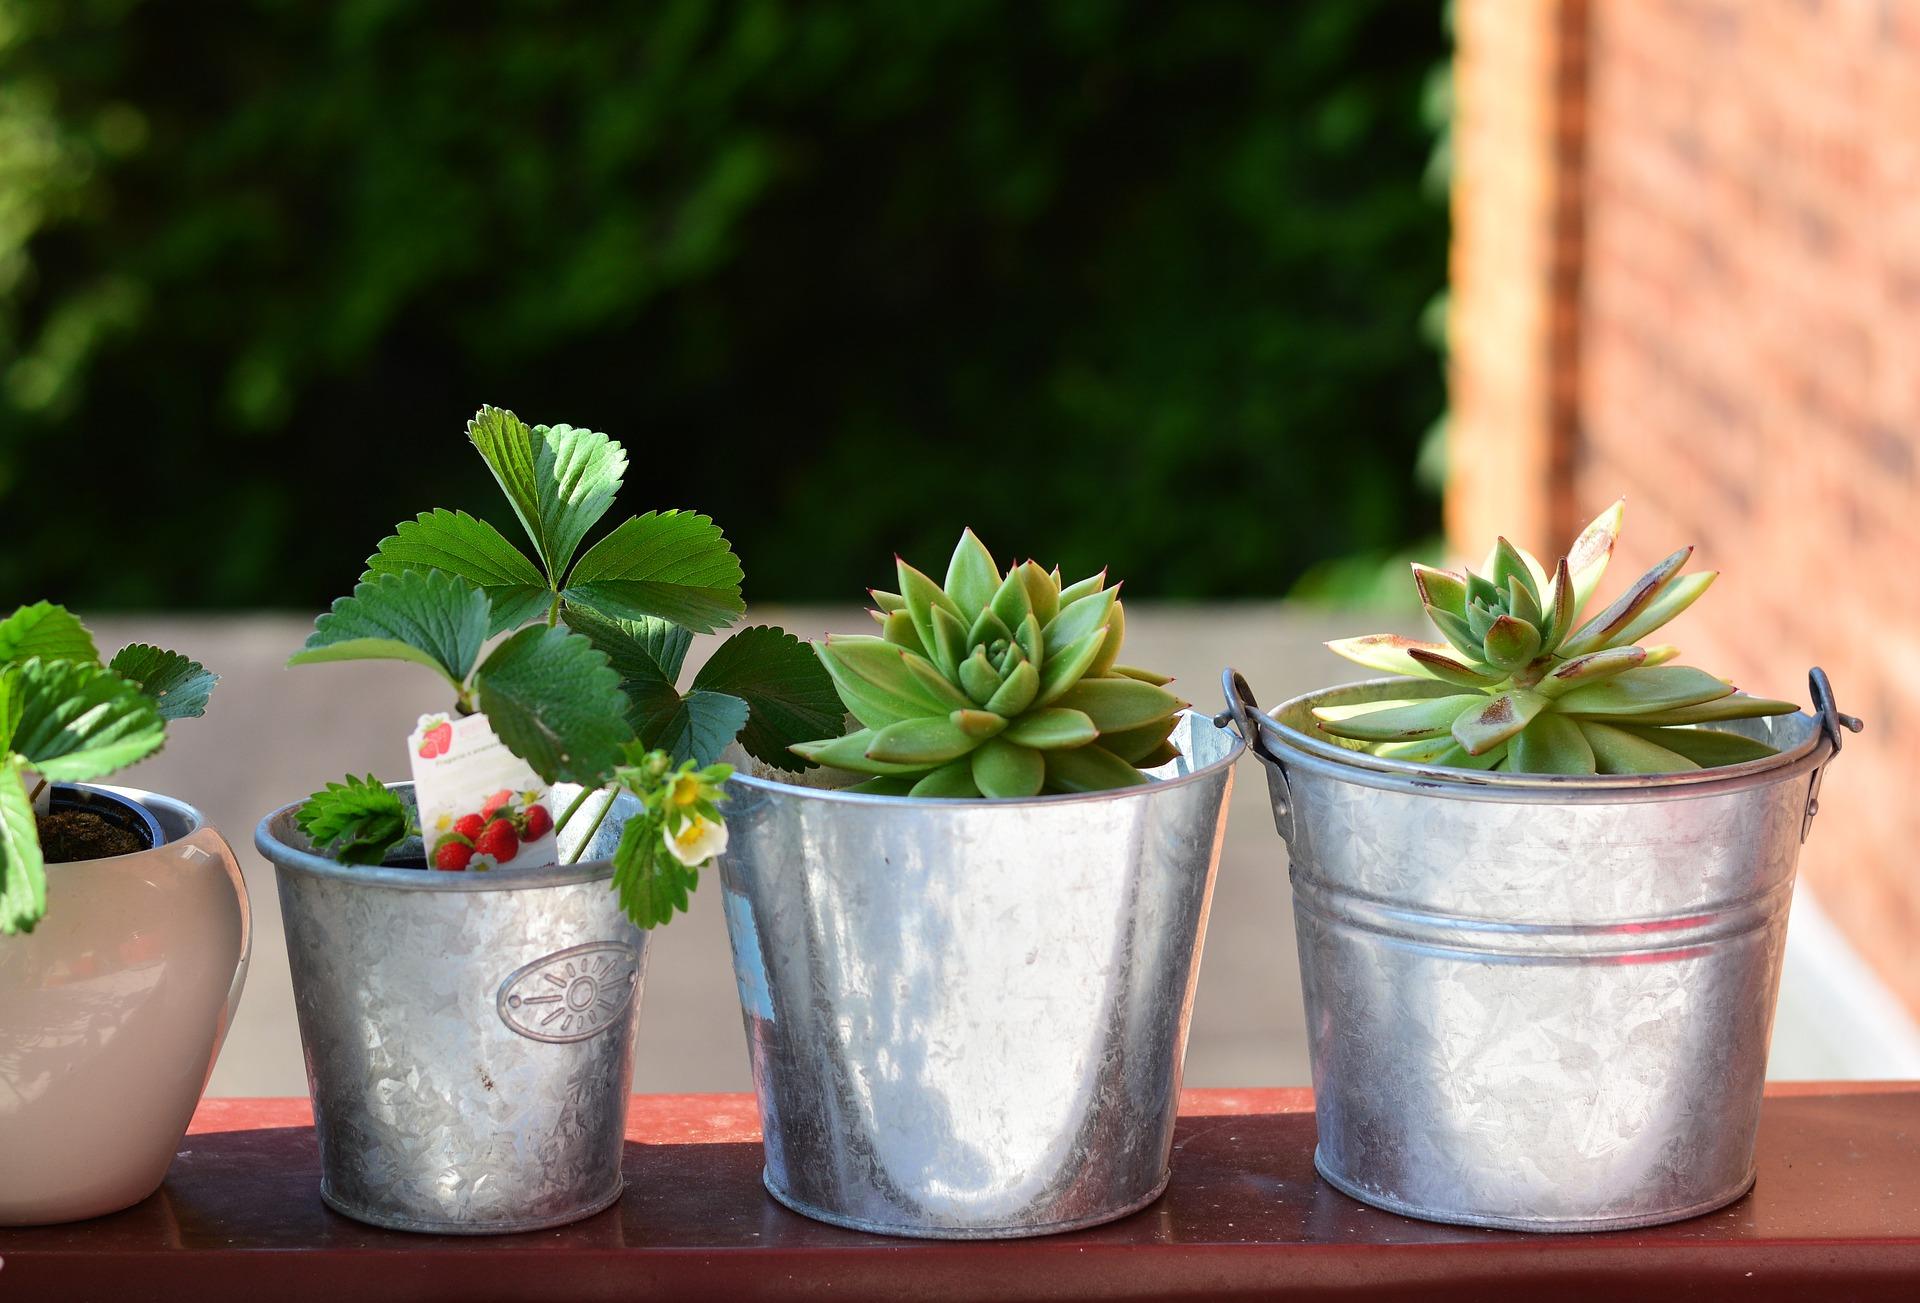 Plant encyclopedia for the balcony garden